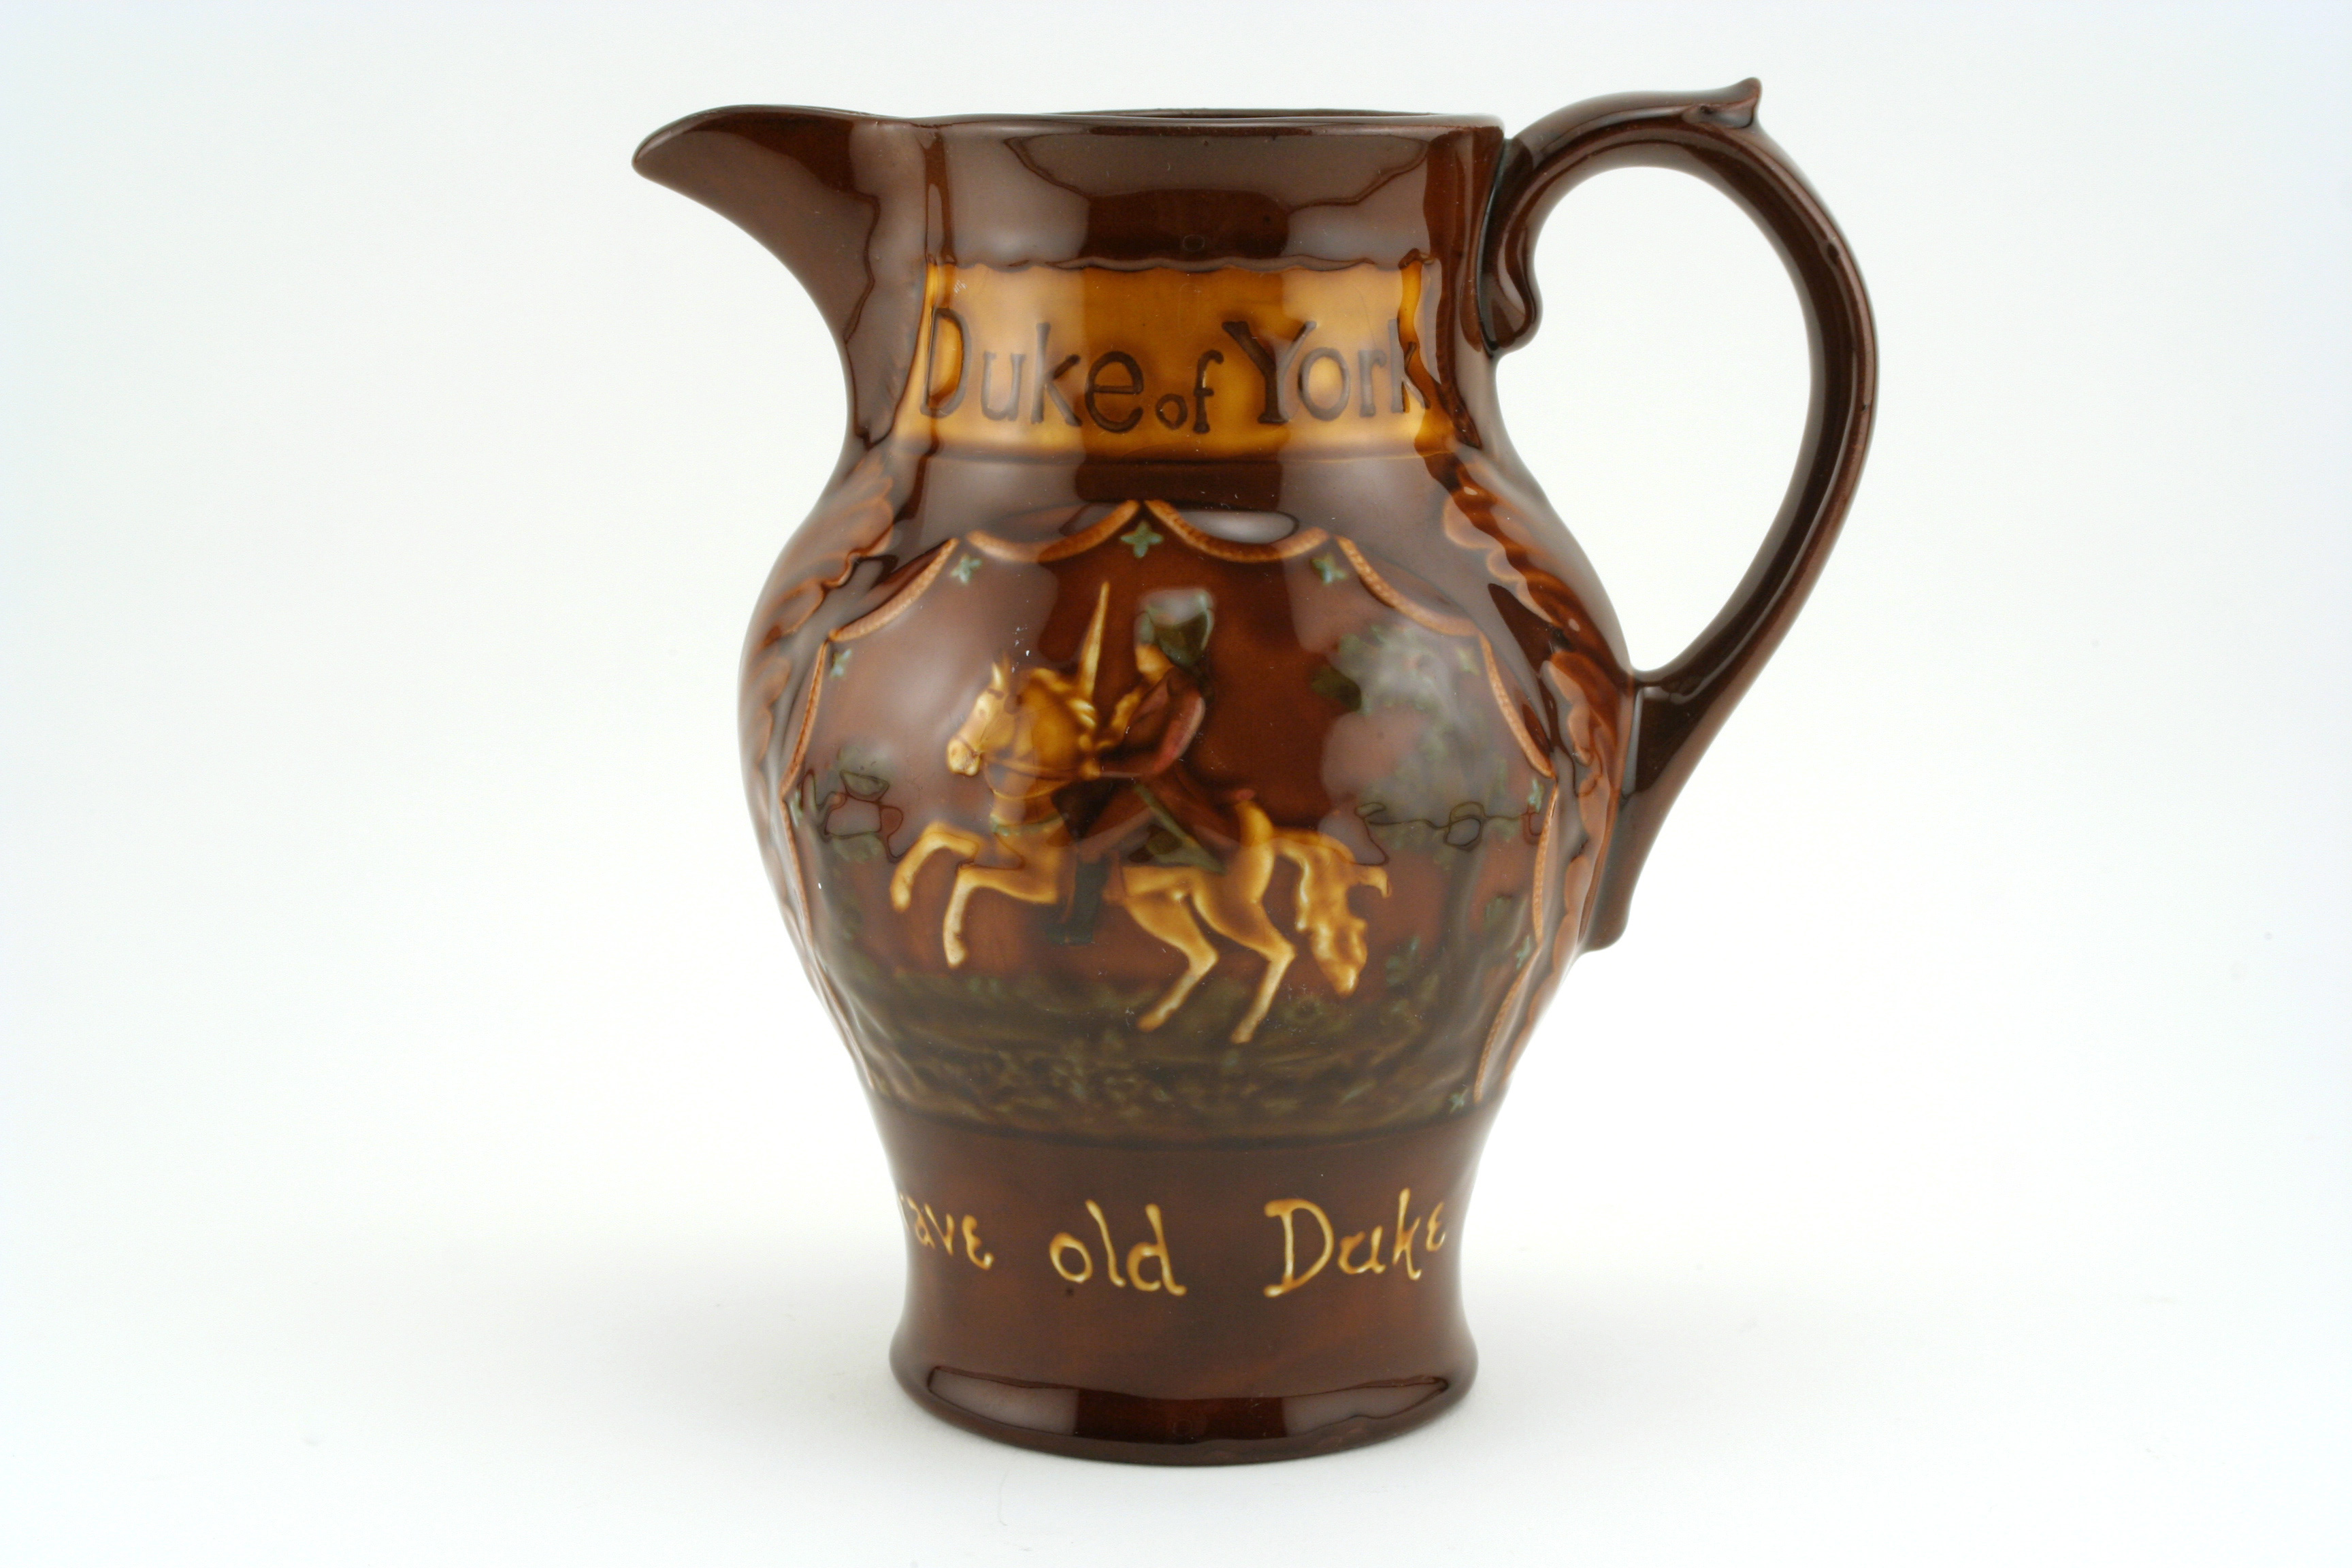 Duke of York Jug - Royal Doulton Kingsware